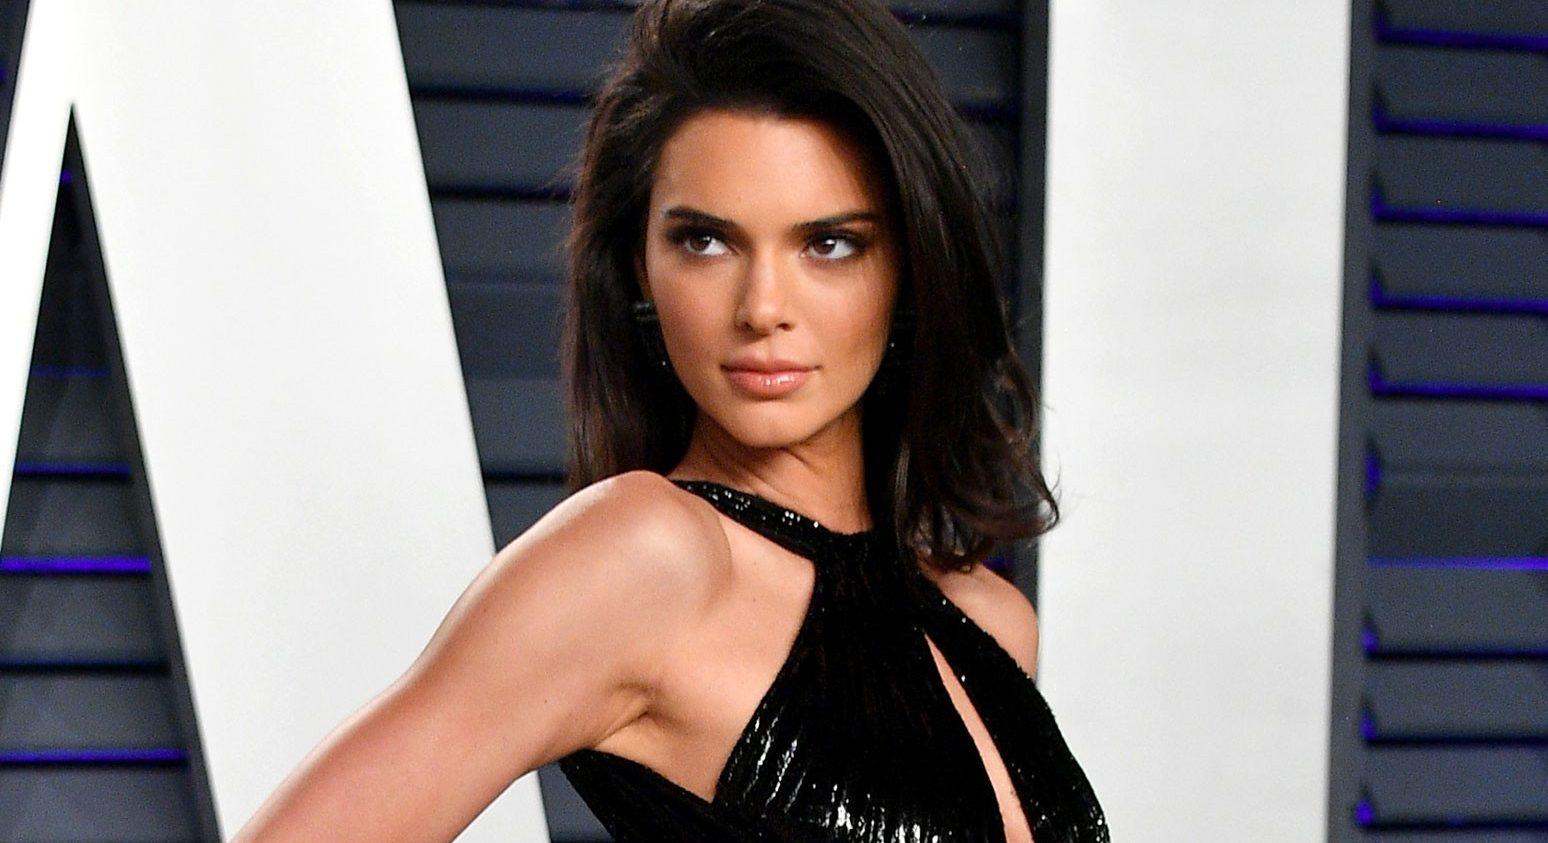 Kendall Jenner: Πού το βρήκε άραγε αυτό το φανταστικό κοτλέ παντελόνι;